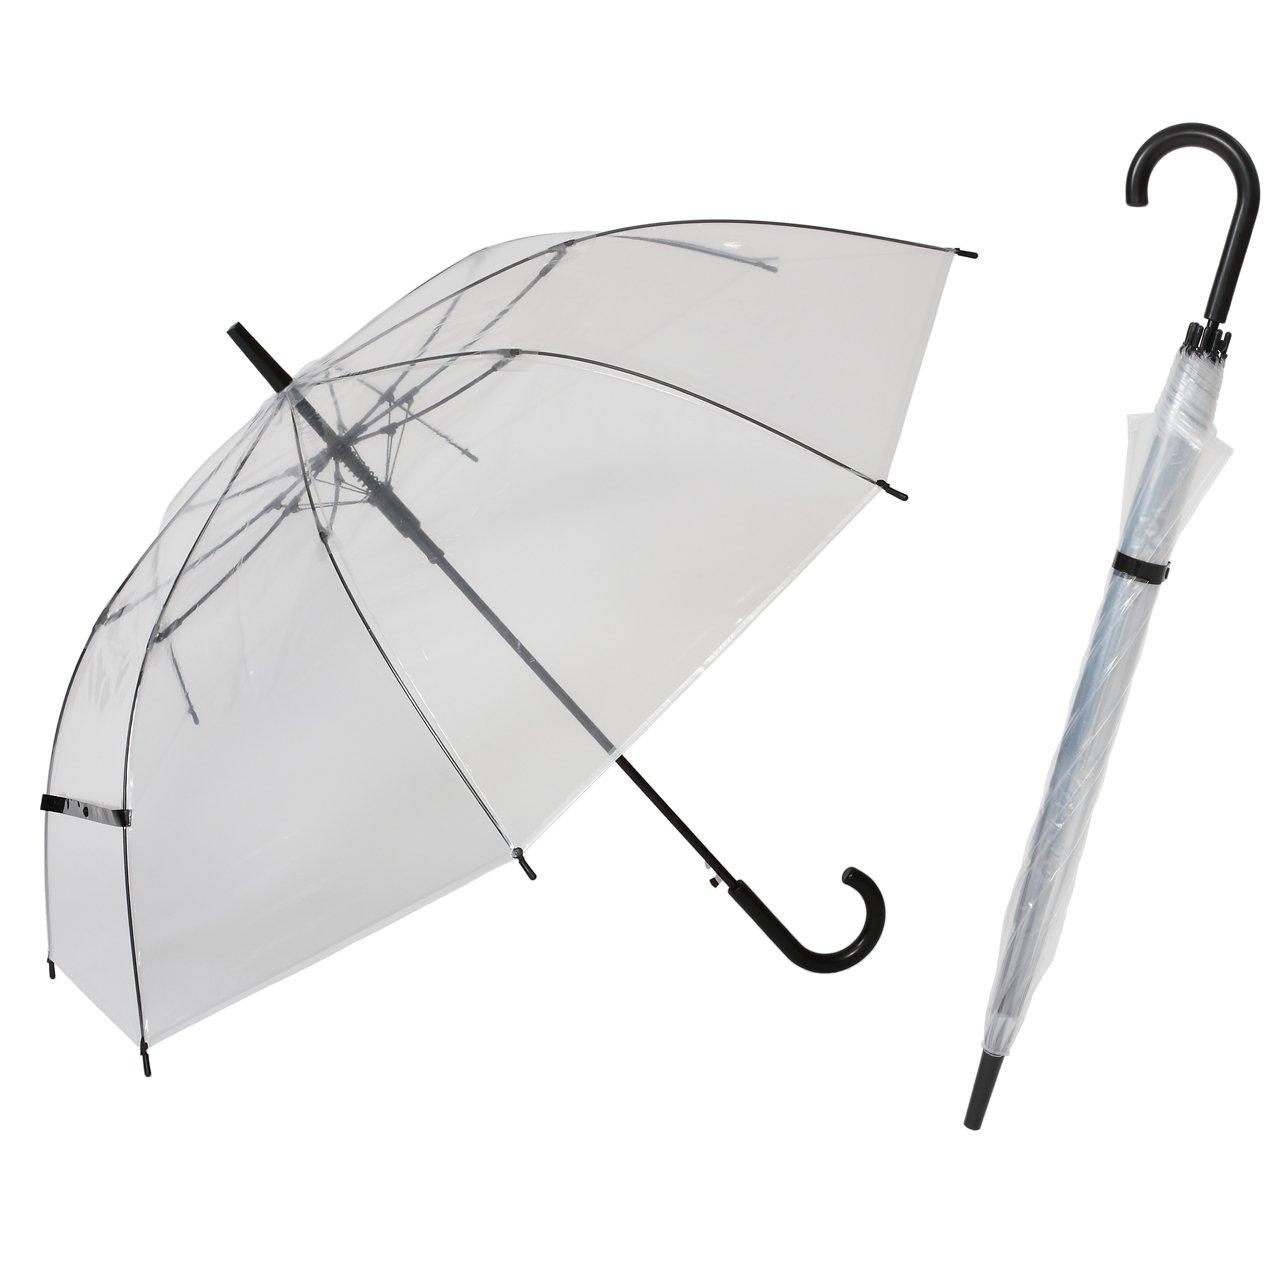 大きい 透明ジャンプ傘 (18本組) [ブラック] 65cm×8本骨 耐風グラスファイバー骨 ビニール傘【LIEBEN-0631】 B0186NQSJY